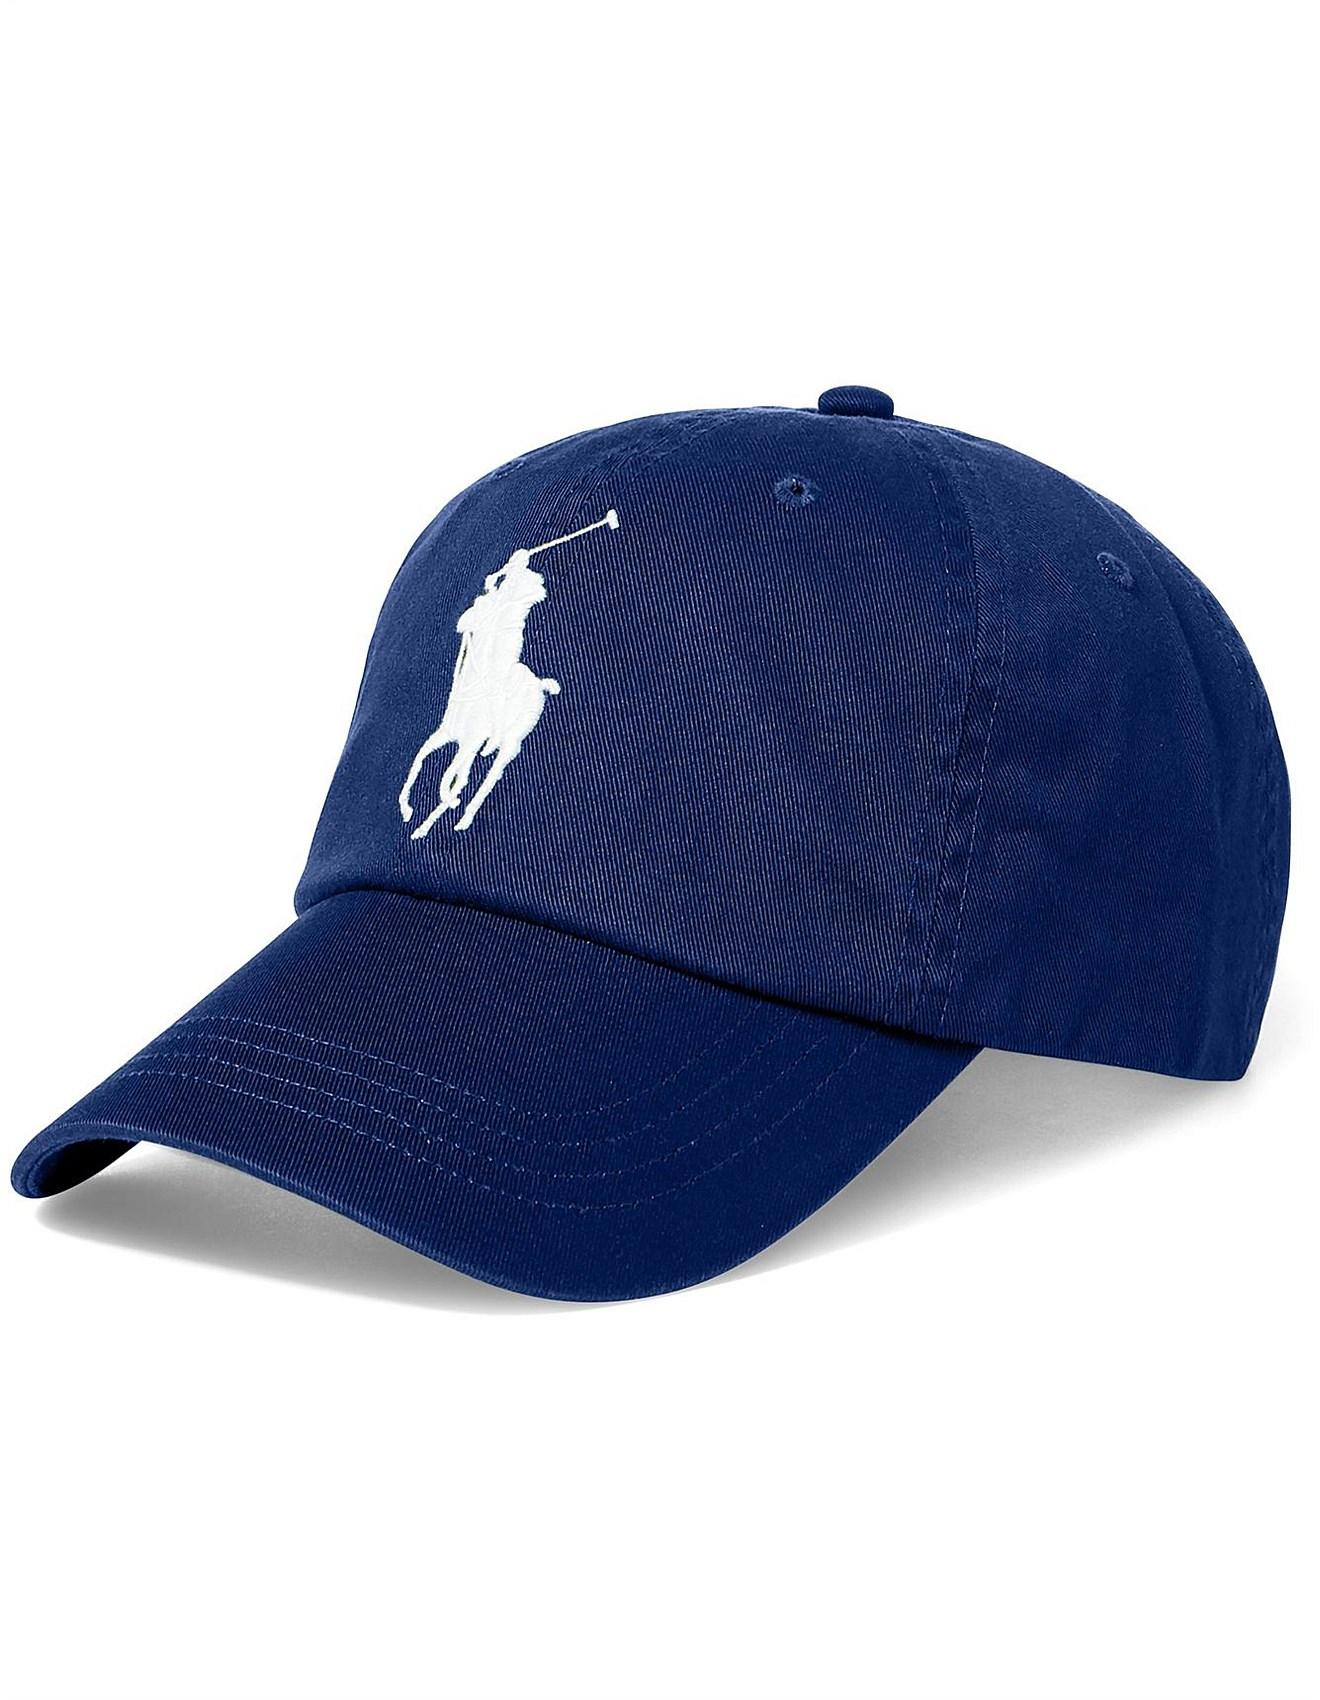 4d6dbab8b4 Big Pony Chino Baseball Cap